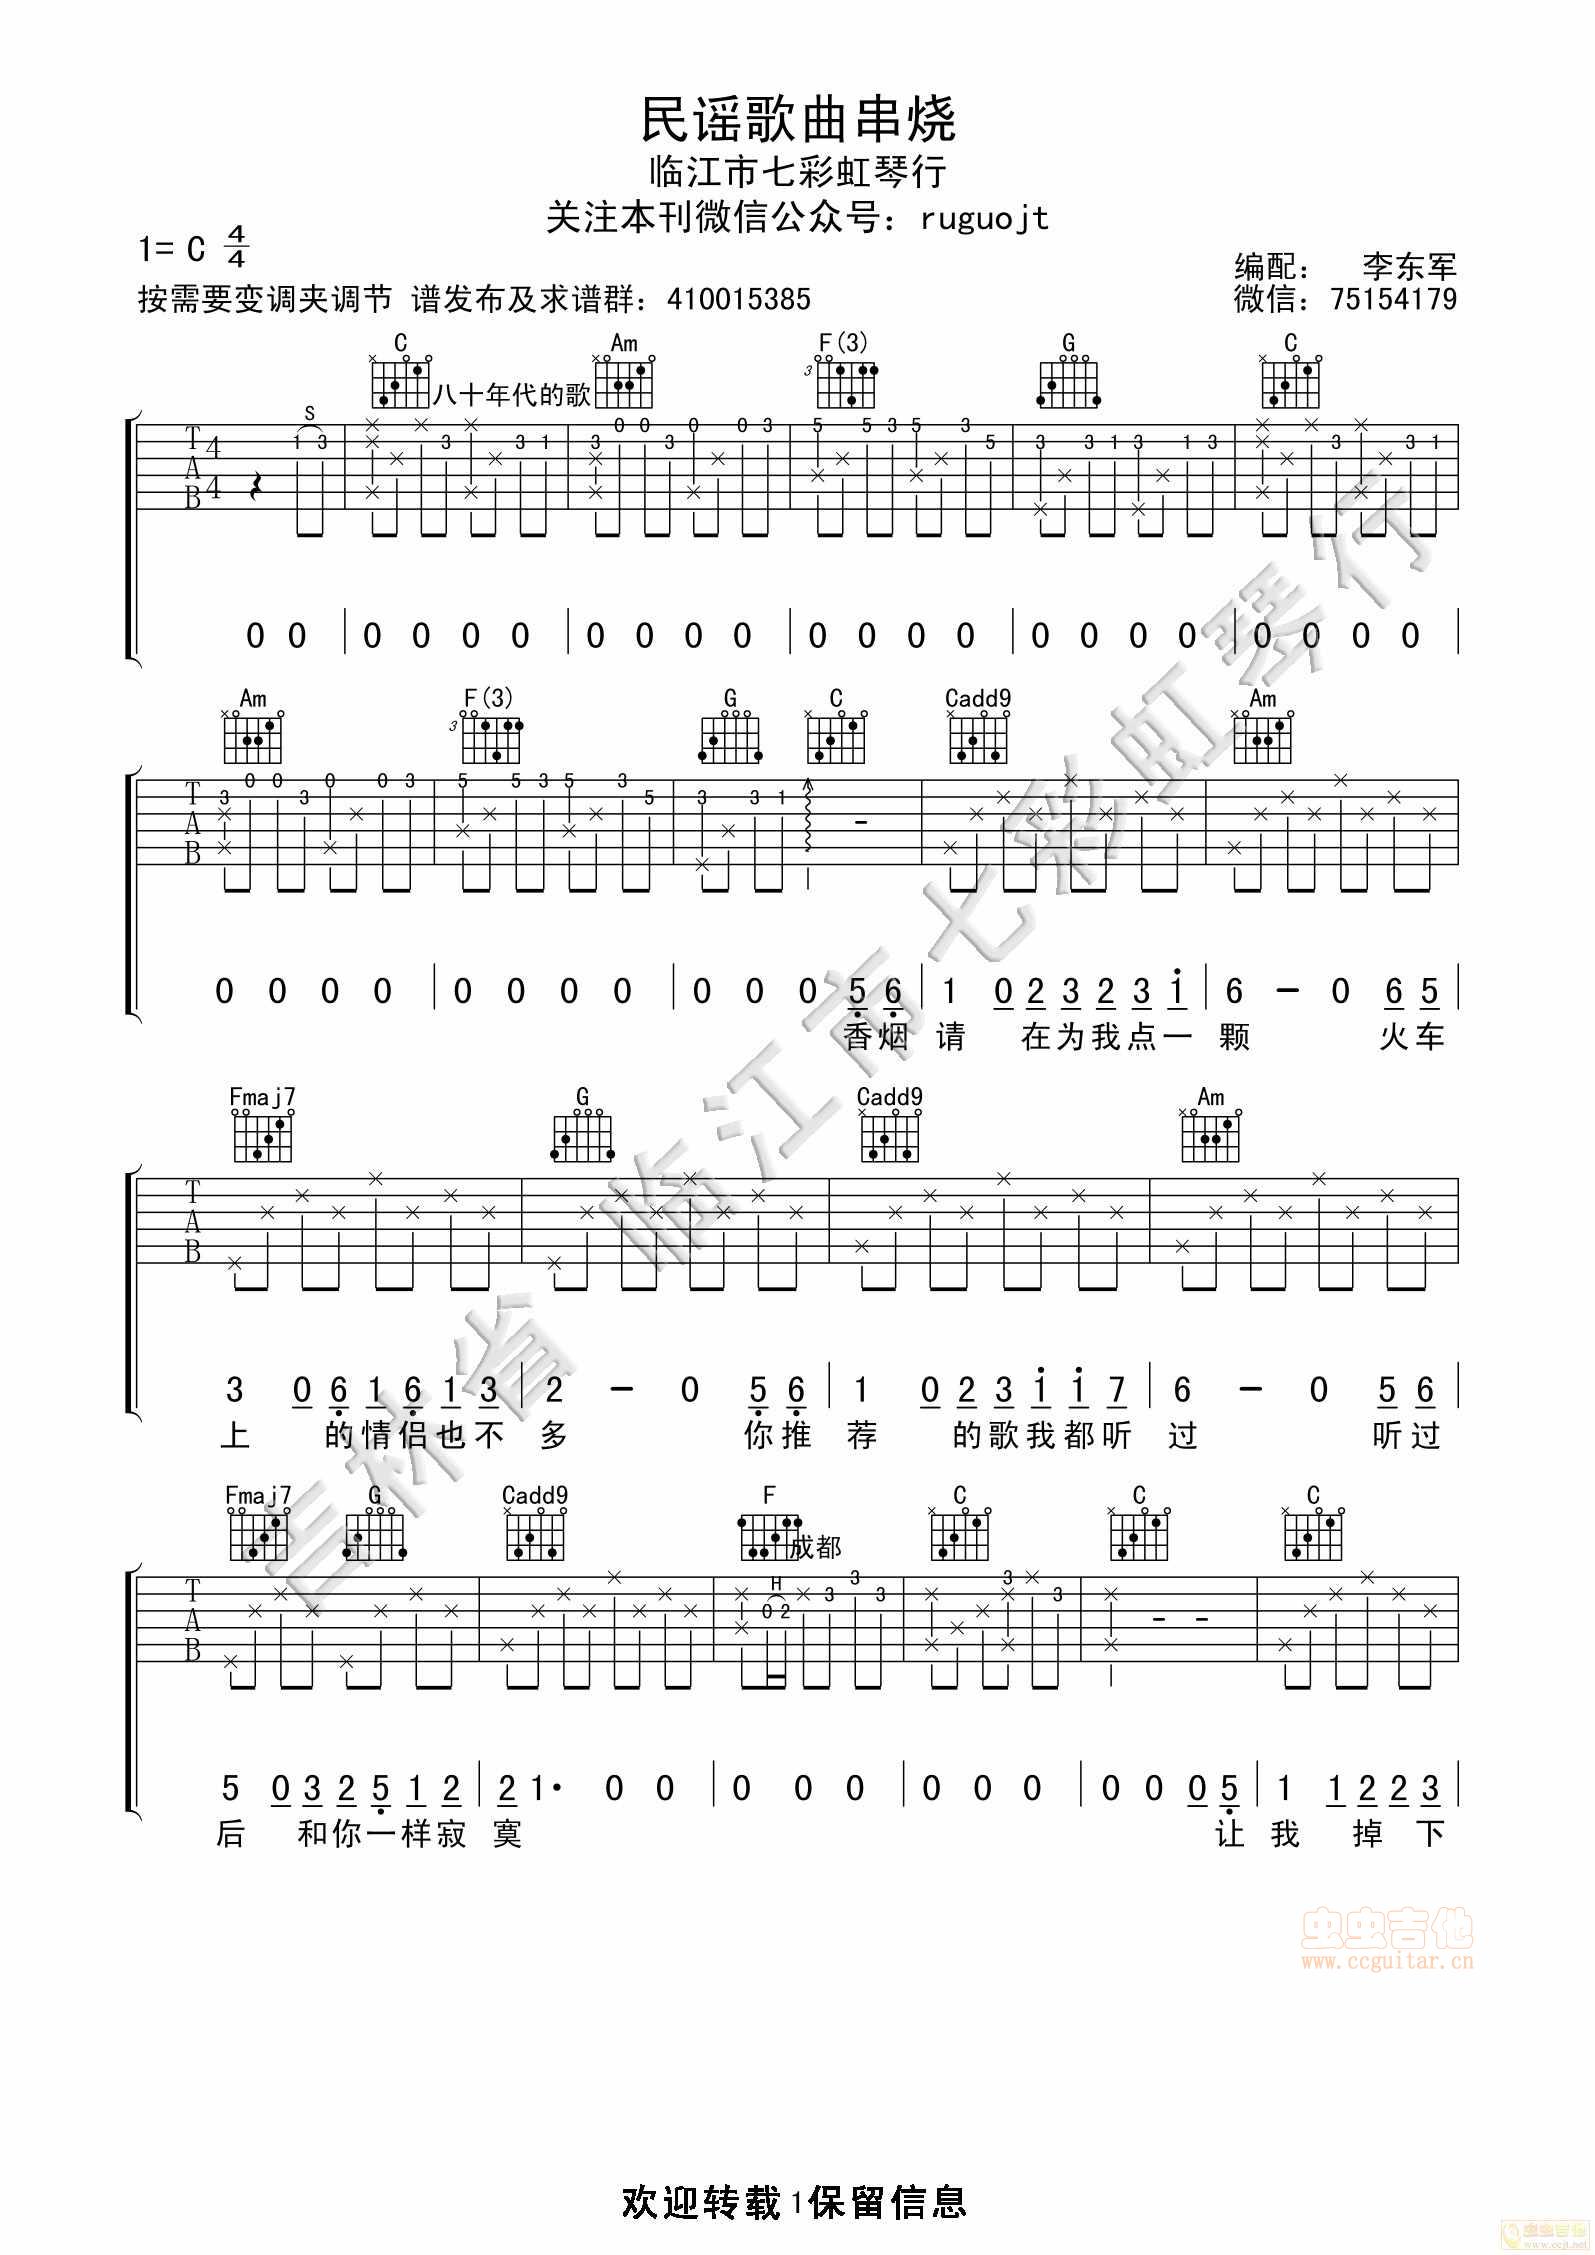 青衣 沉水谣 曲谱-吉他谱 虫虫吉他谱 民谣